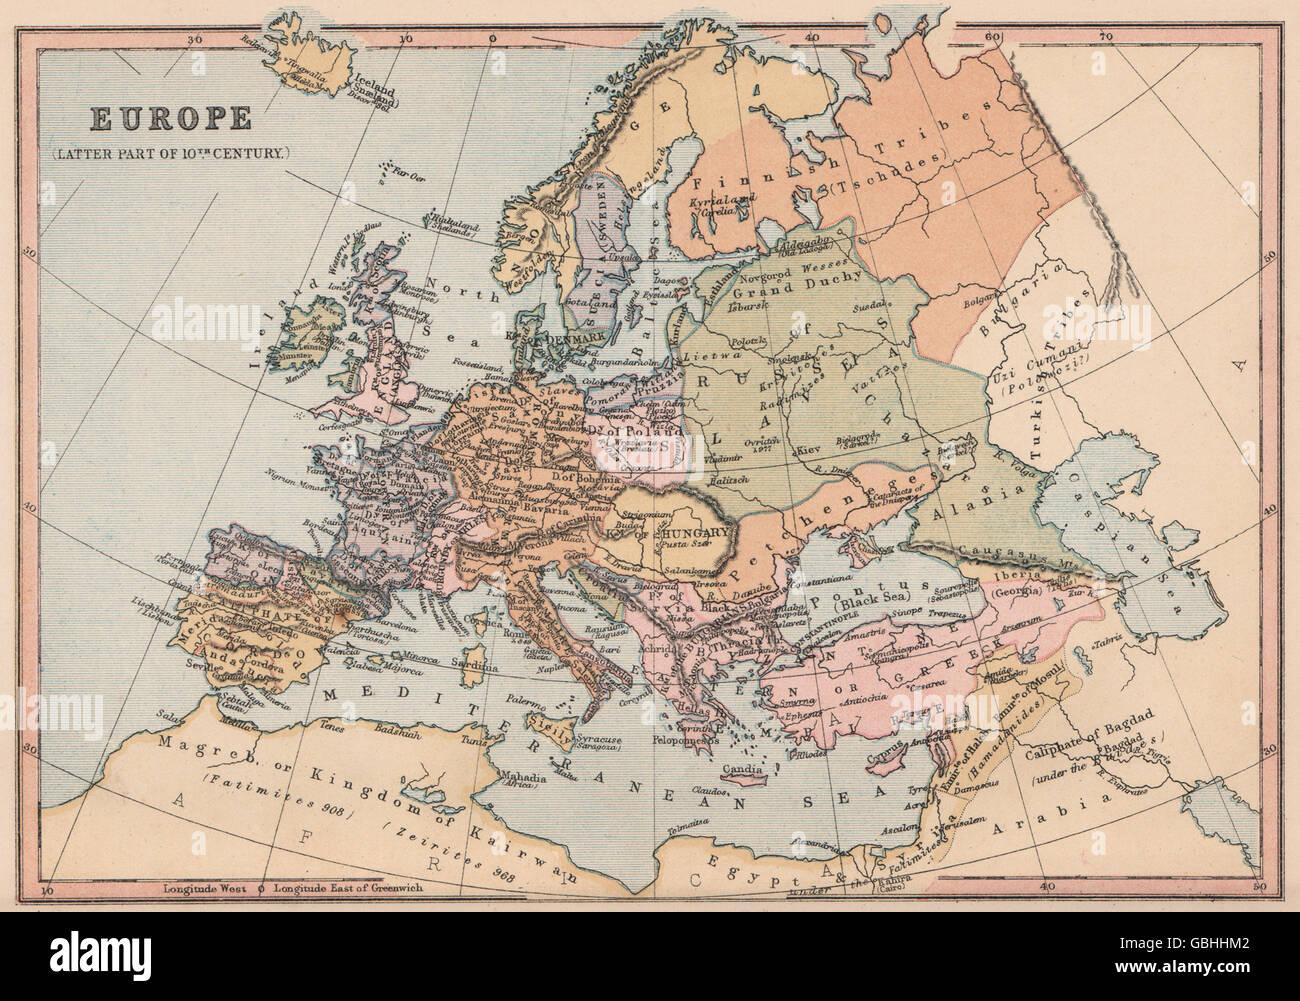 Heiliges Römisches Reich Karte.10 Jahrhundert Europa Heiliges Römisches Reich Kalifat Von Cordoba